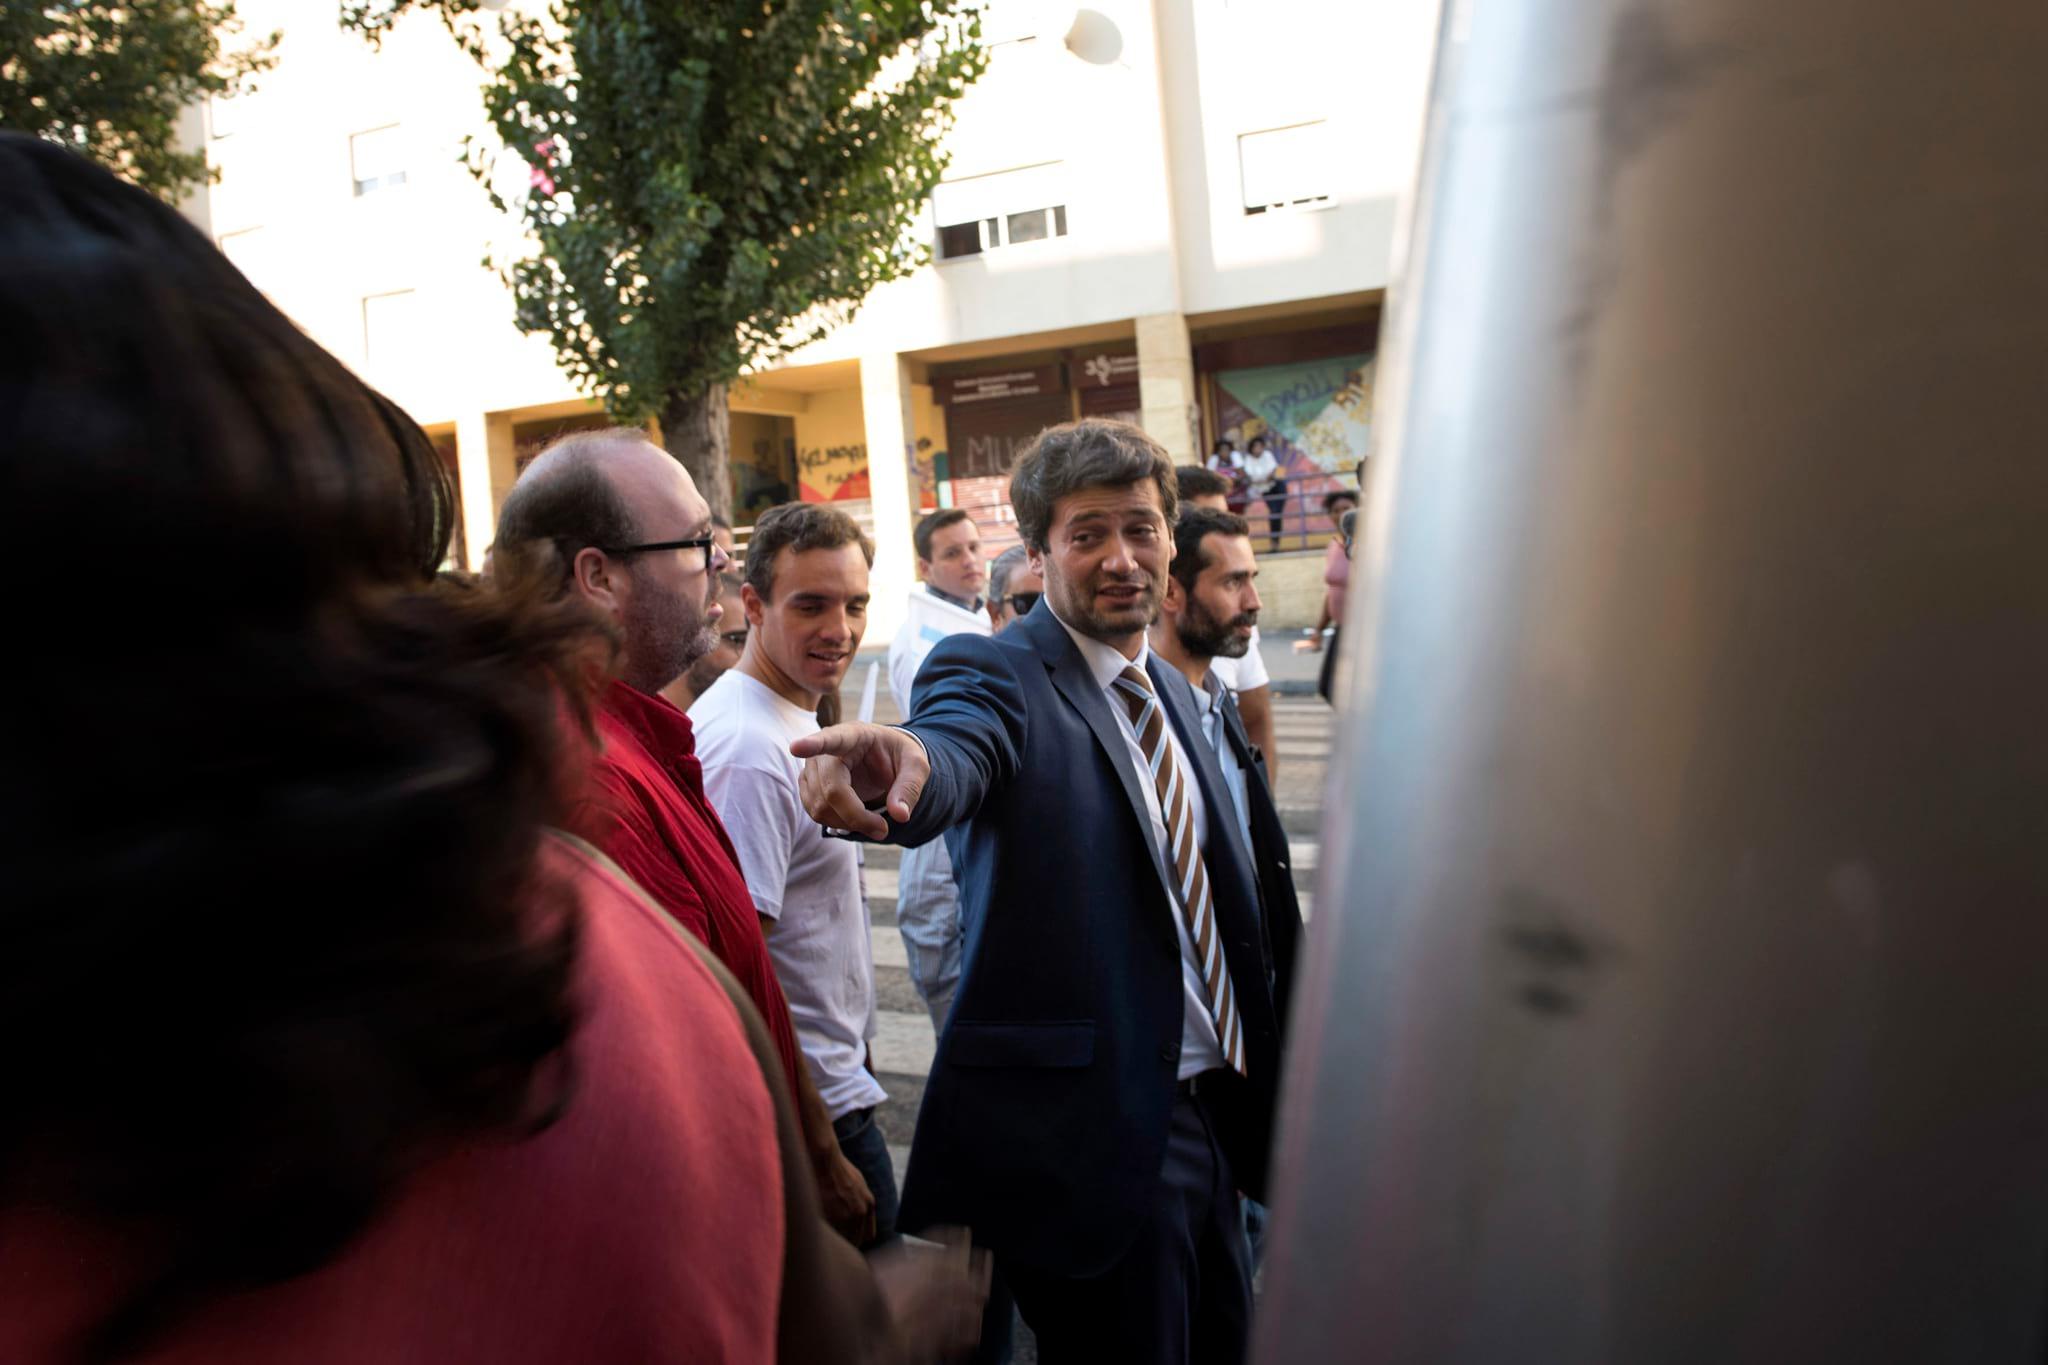 PÚBLICO - André Ventura foi à Quinta da Fonte, mas passou longe dos ciganos